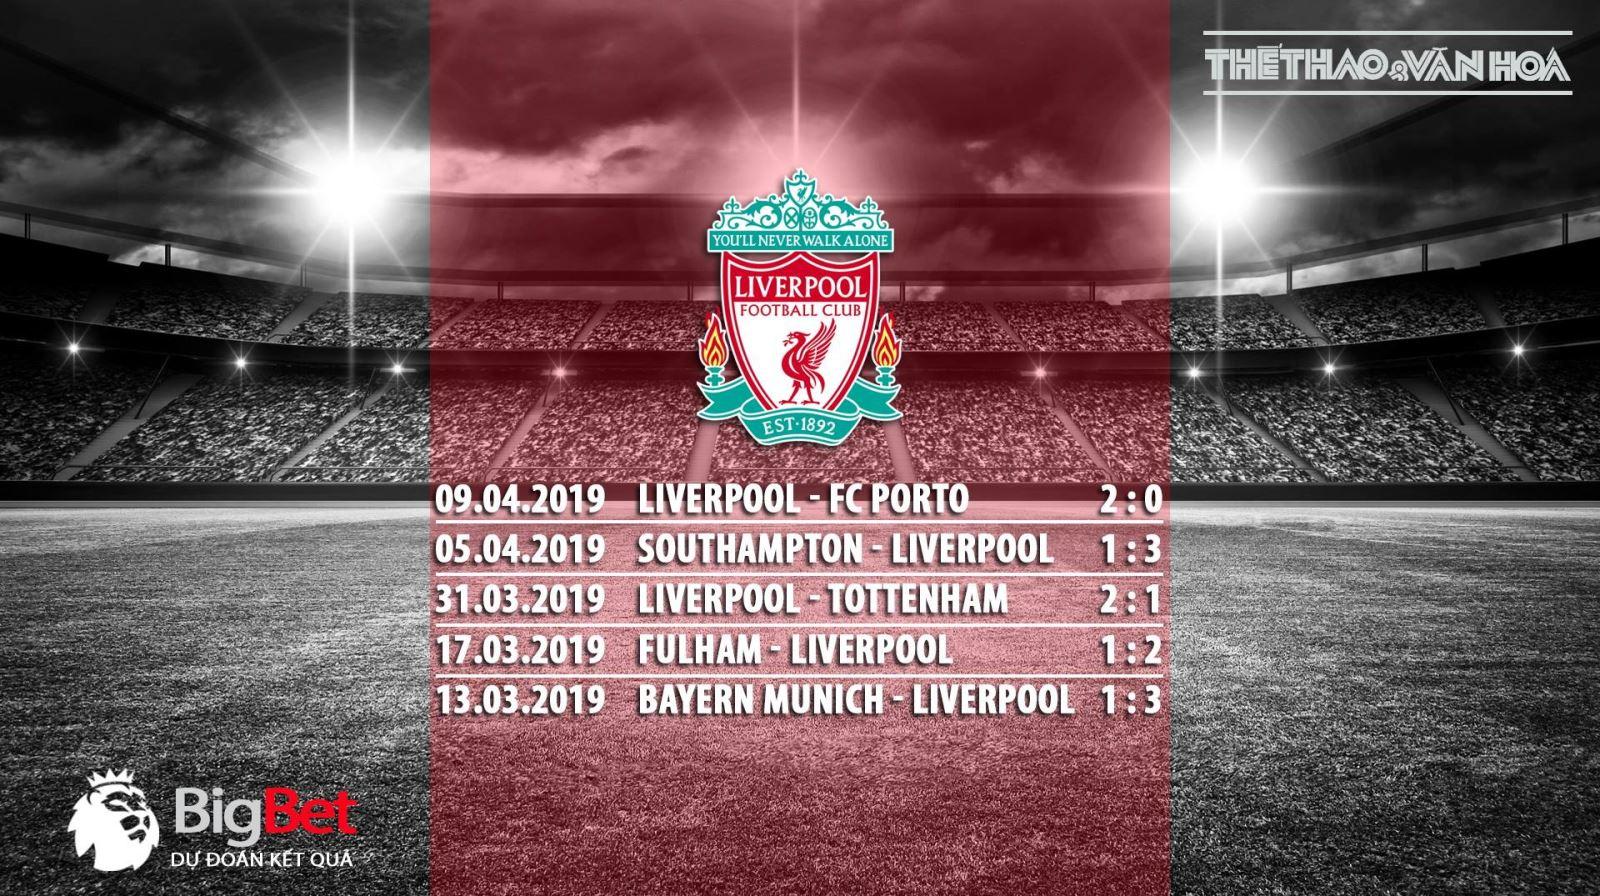 soi kèo Liverpool vs Chelsea, trực tiếp Liverpool vs Chelsea, trực tiếp bóng đá, Liverpool, Chelsea, xem trực tiếp Liverpool vs Chelsea ở đâu